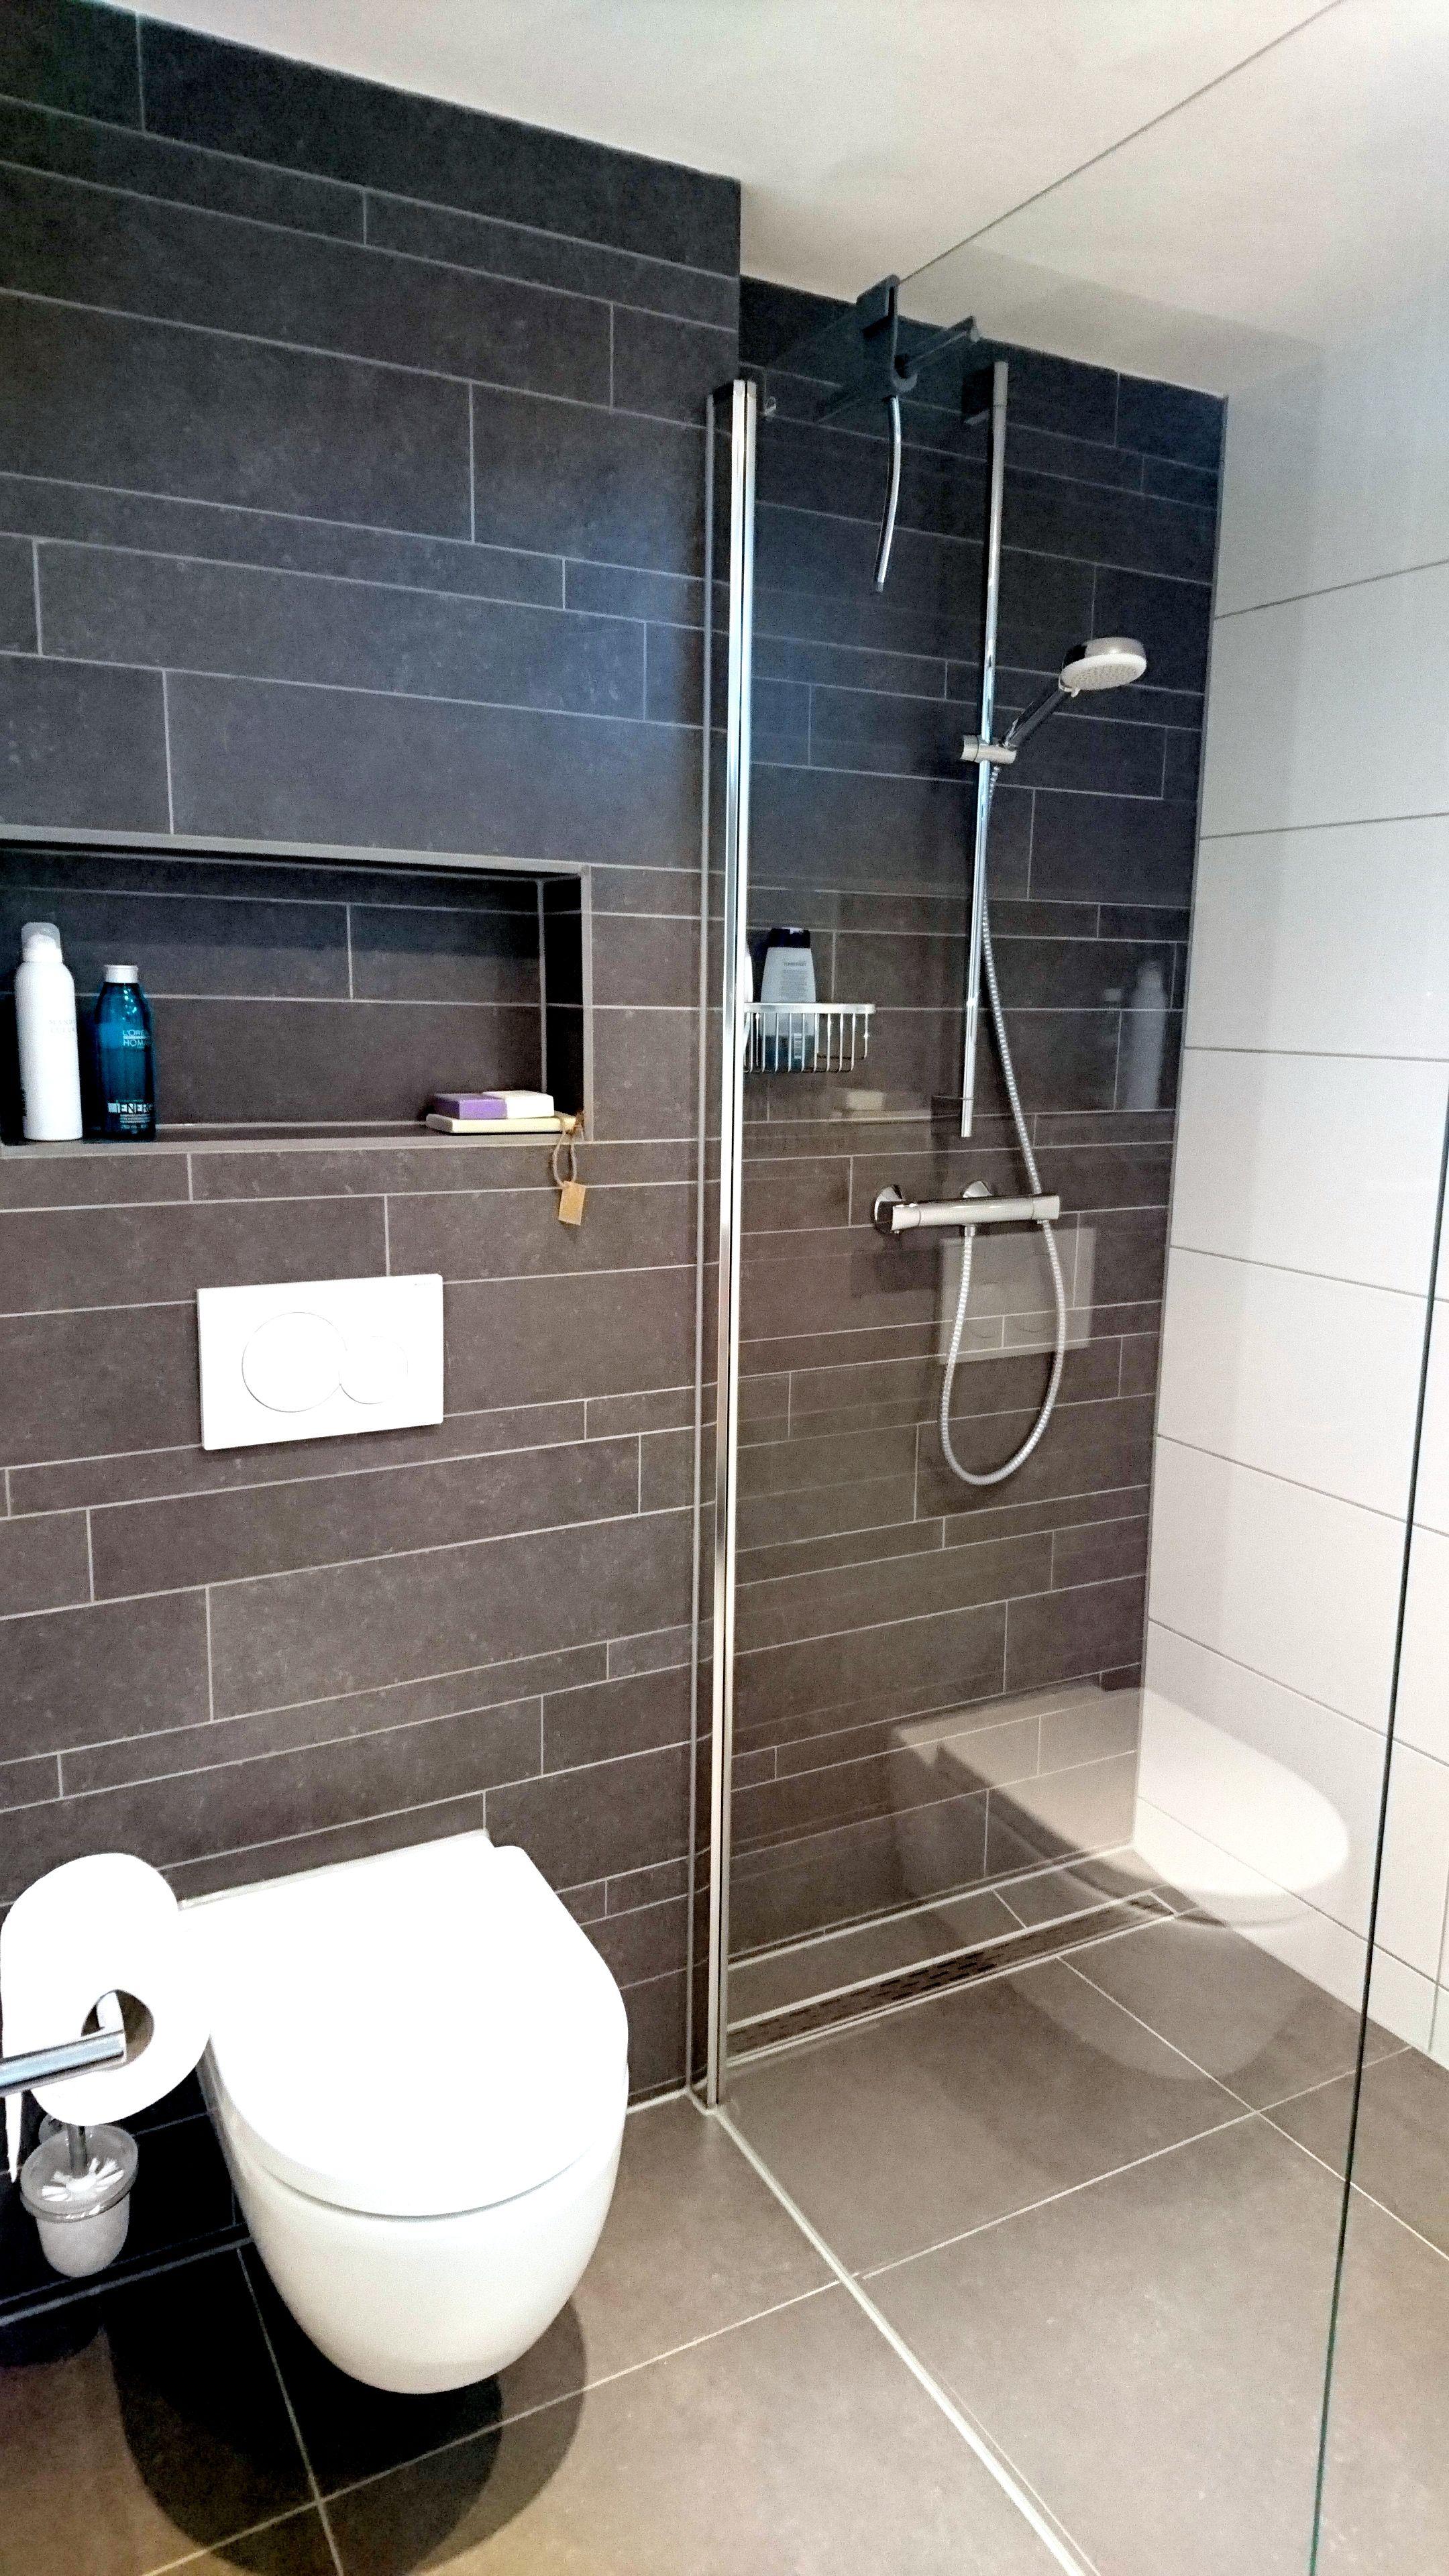 Huis inrichten 2019 » kleine badkamer met douche en toilet | Huis ...